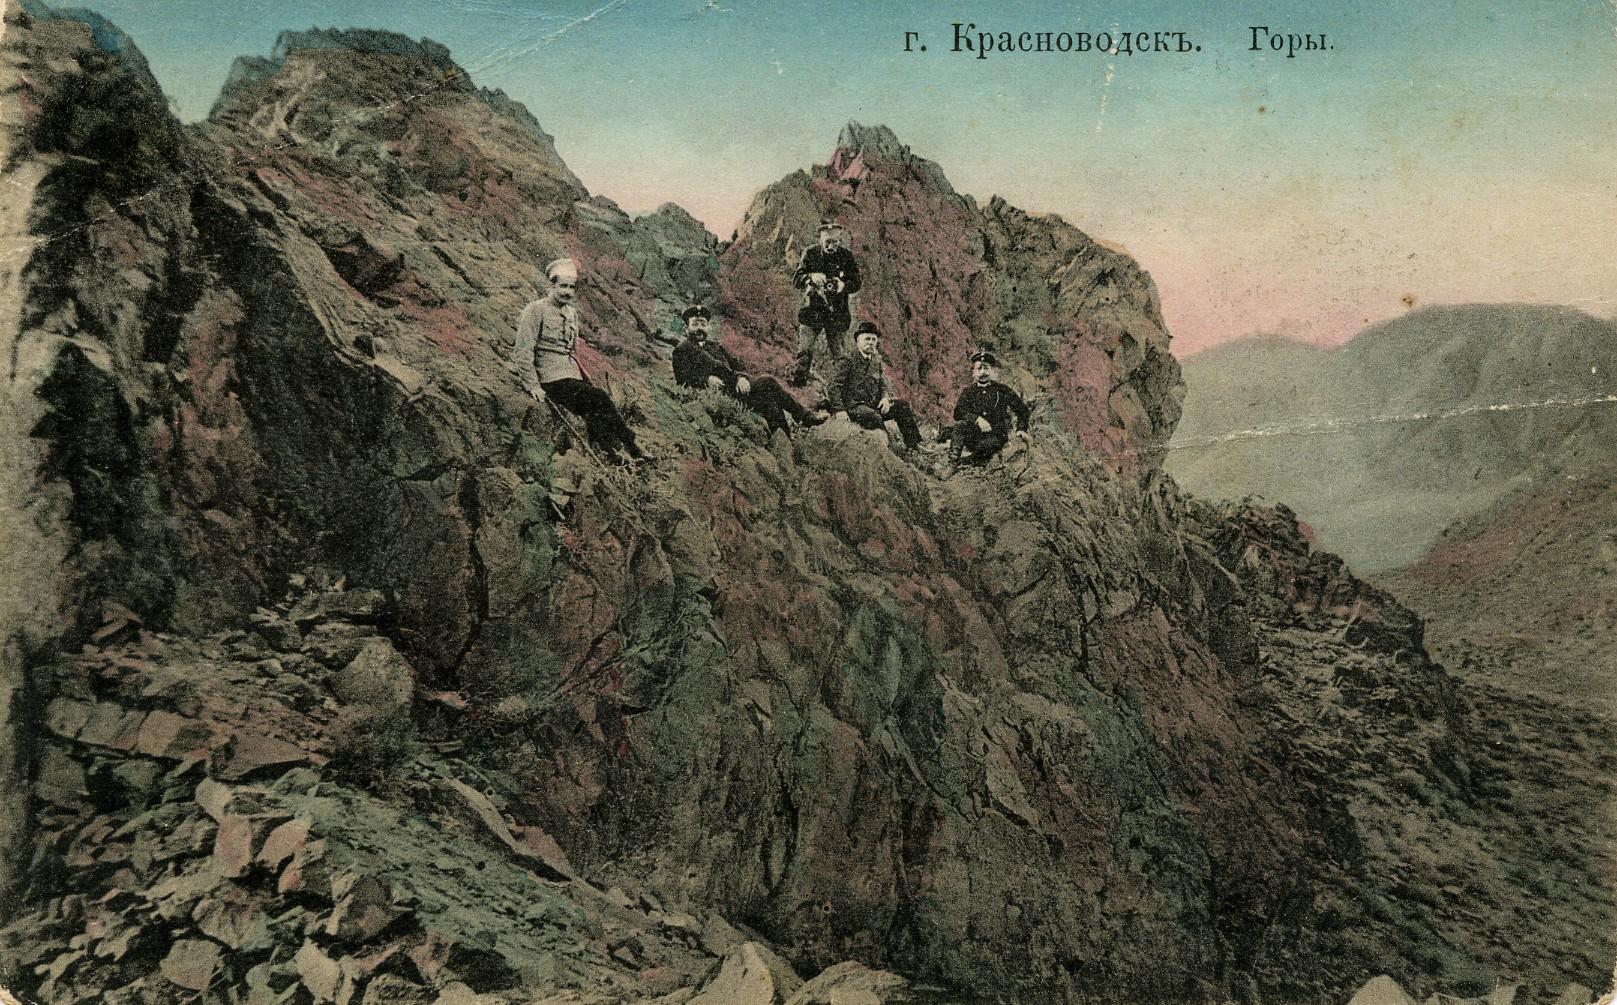 Окрестности Красноводска. Горы.jpg